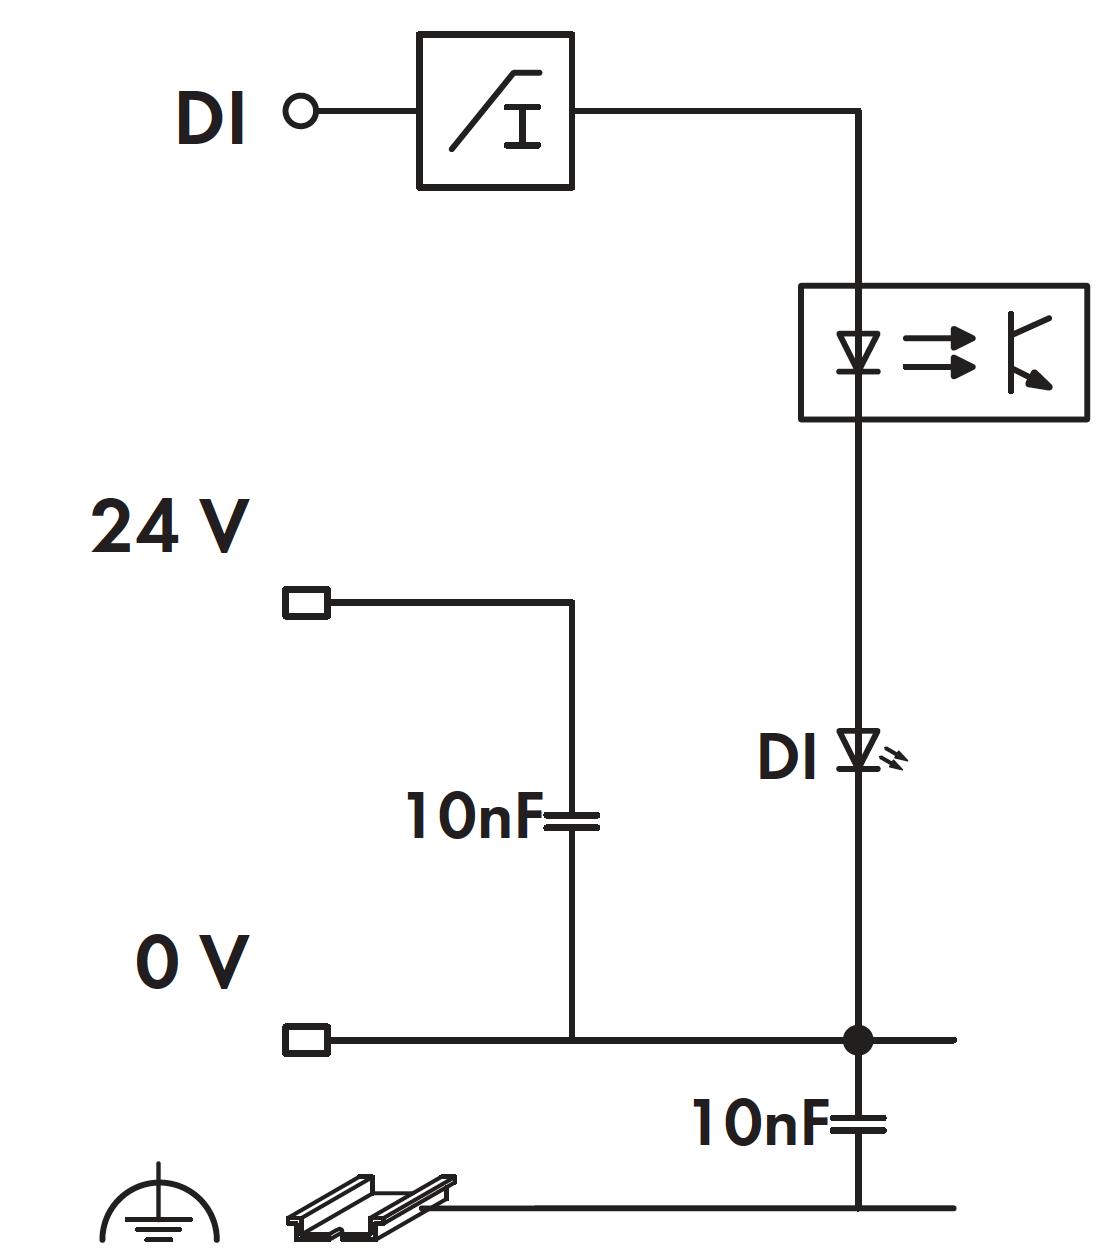 Unbekanntes Schaltzeichen - Mikrocontroller.net